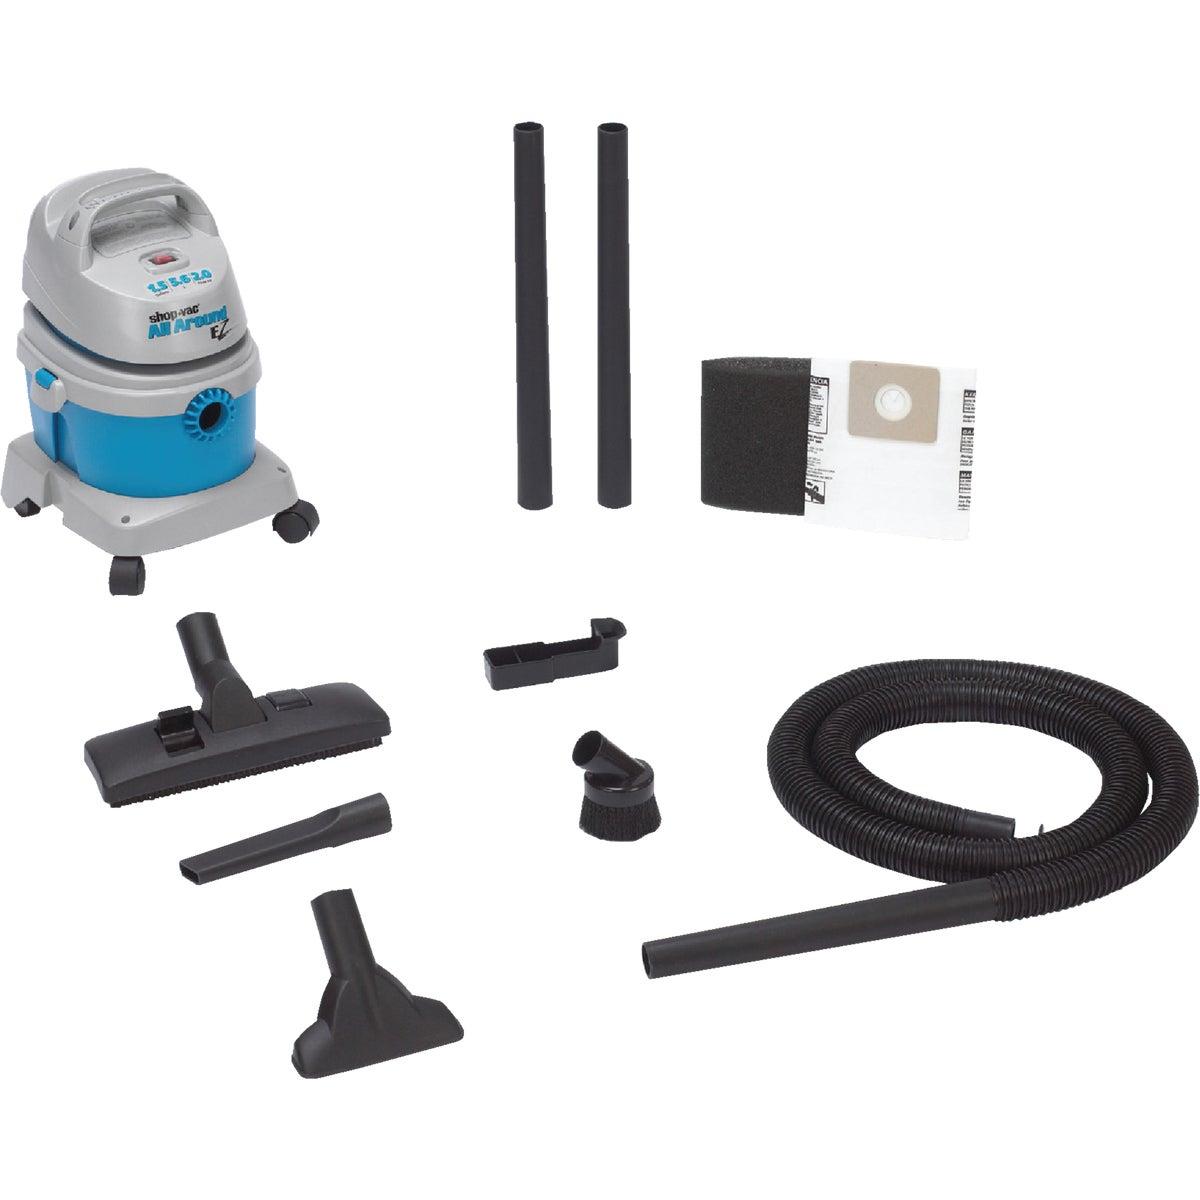 Shop Vac All Around EZ 1.5 Gal. Wet/Dry Vacuum, 5895100